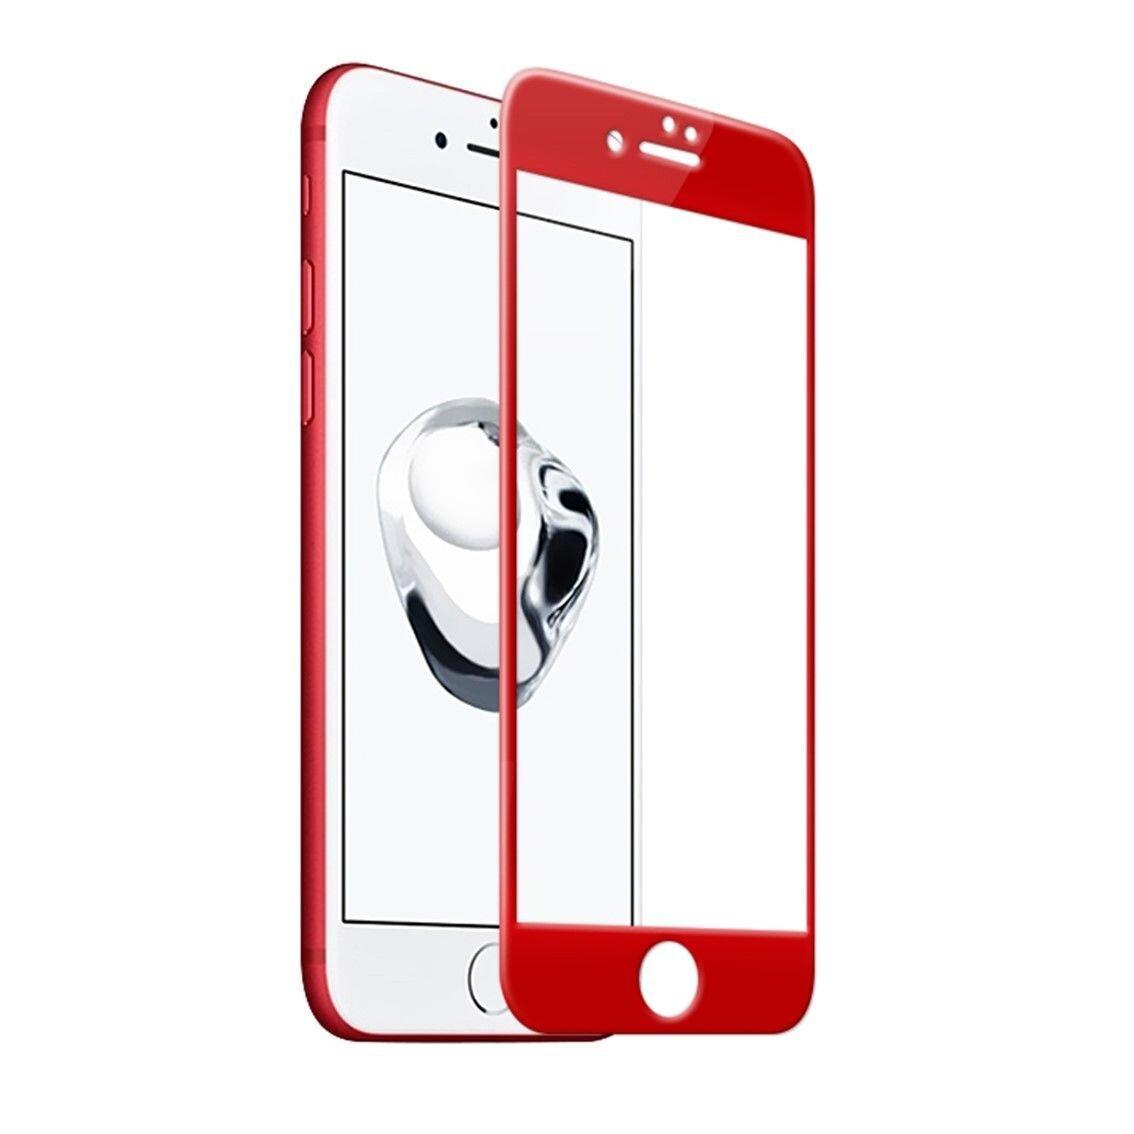 Защитное стекло подходит для iPhone 7 Plus  0.3mm . Усиленный край 5 D красного цвета - фото pic_a150df7ea0f02a0c32da9741aa1425da_1920x9000_1.jpg